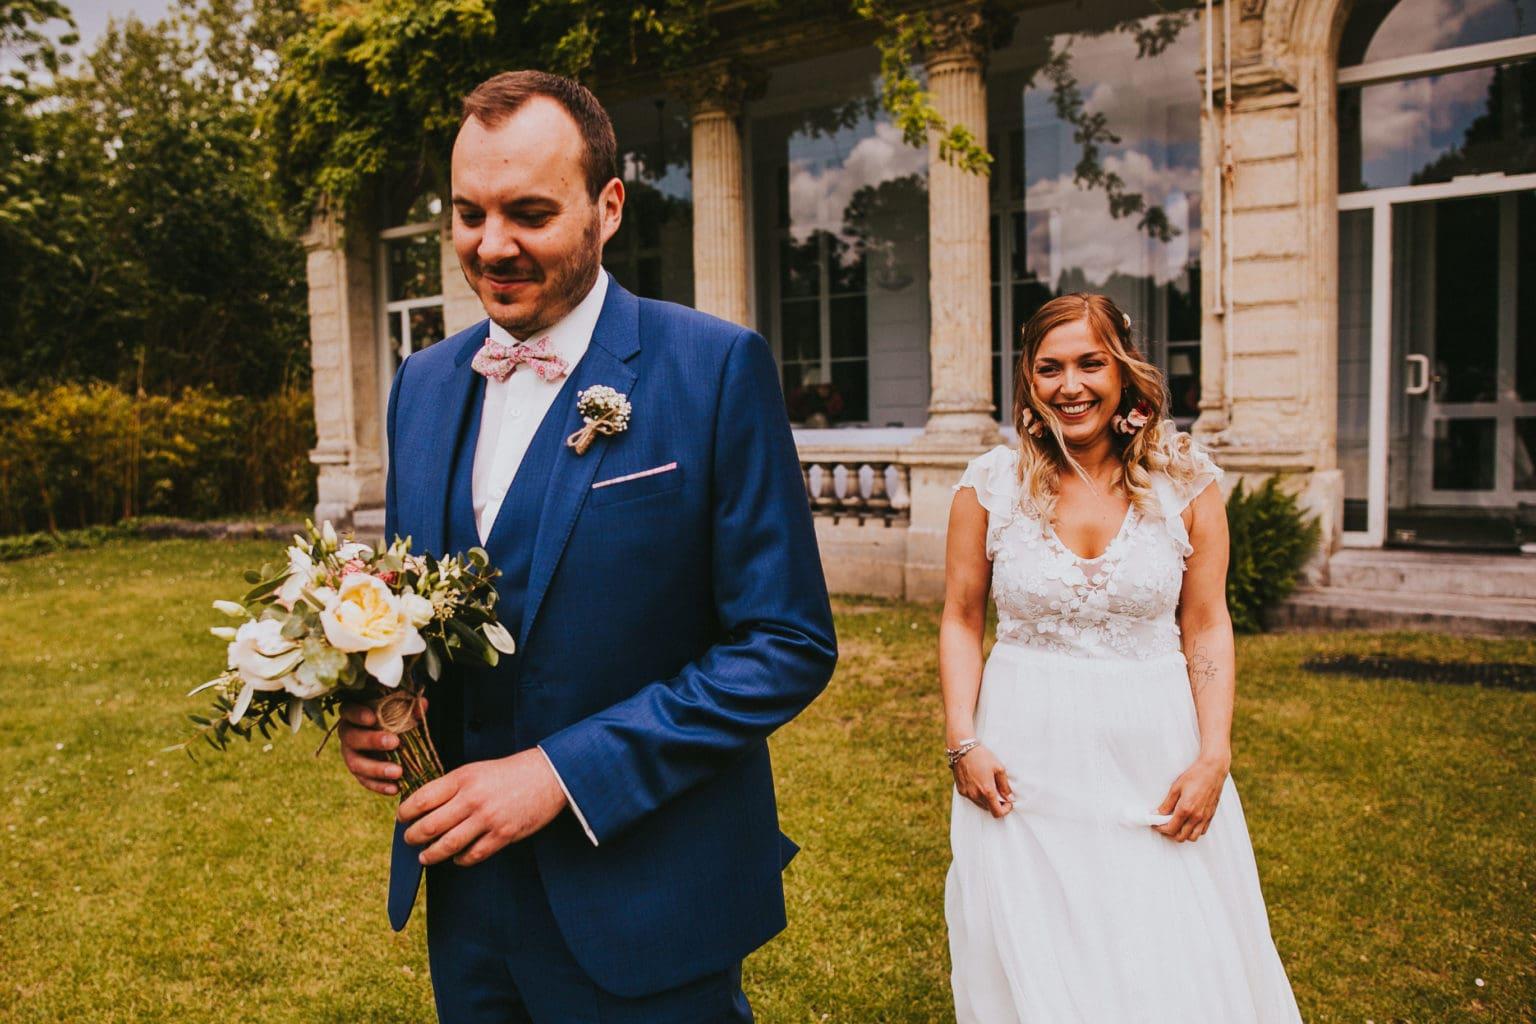 mariage bohème chateau aubry du hainaut 19